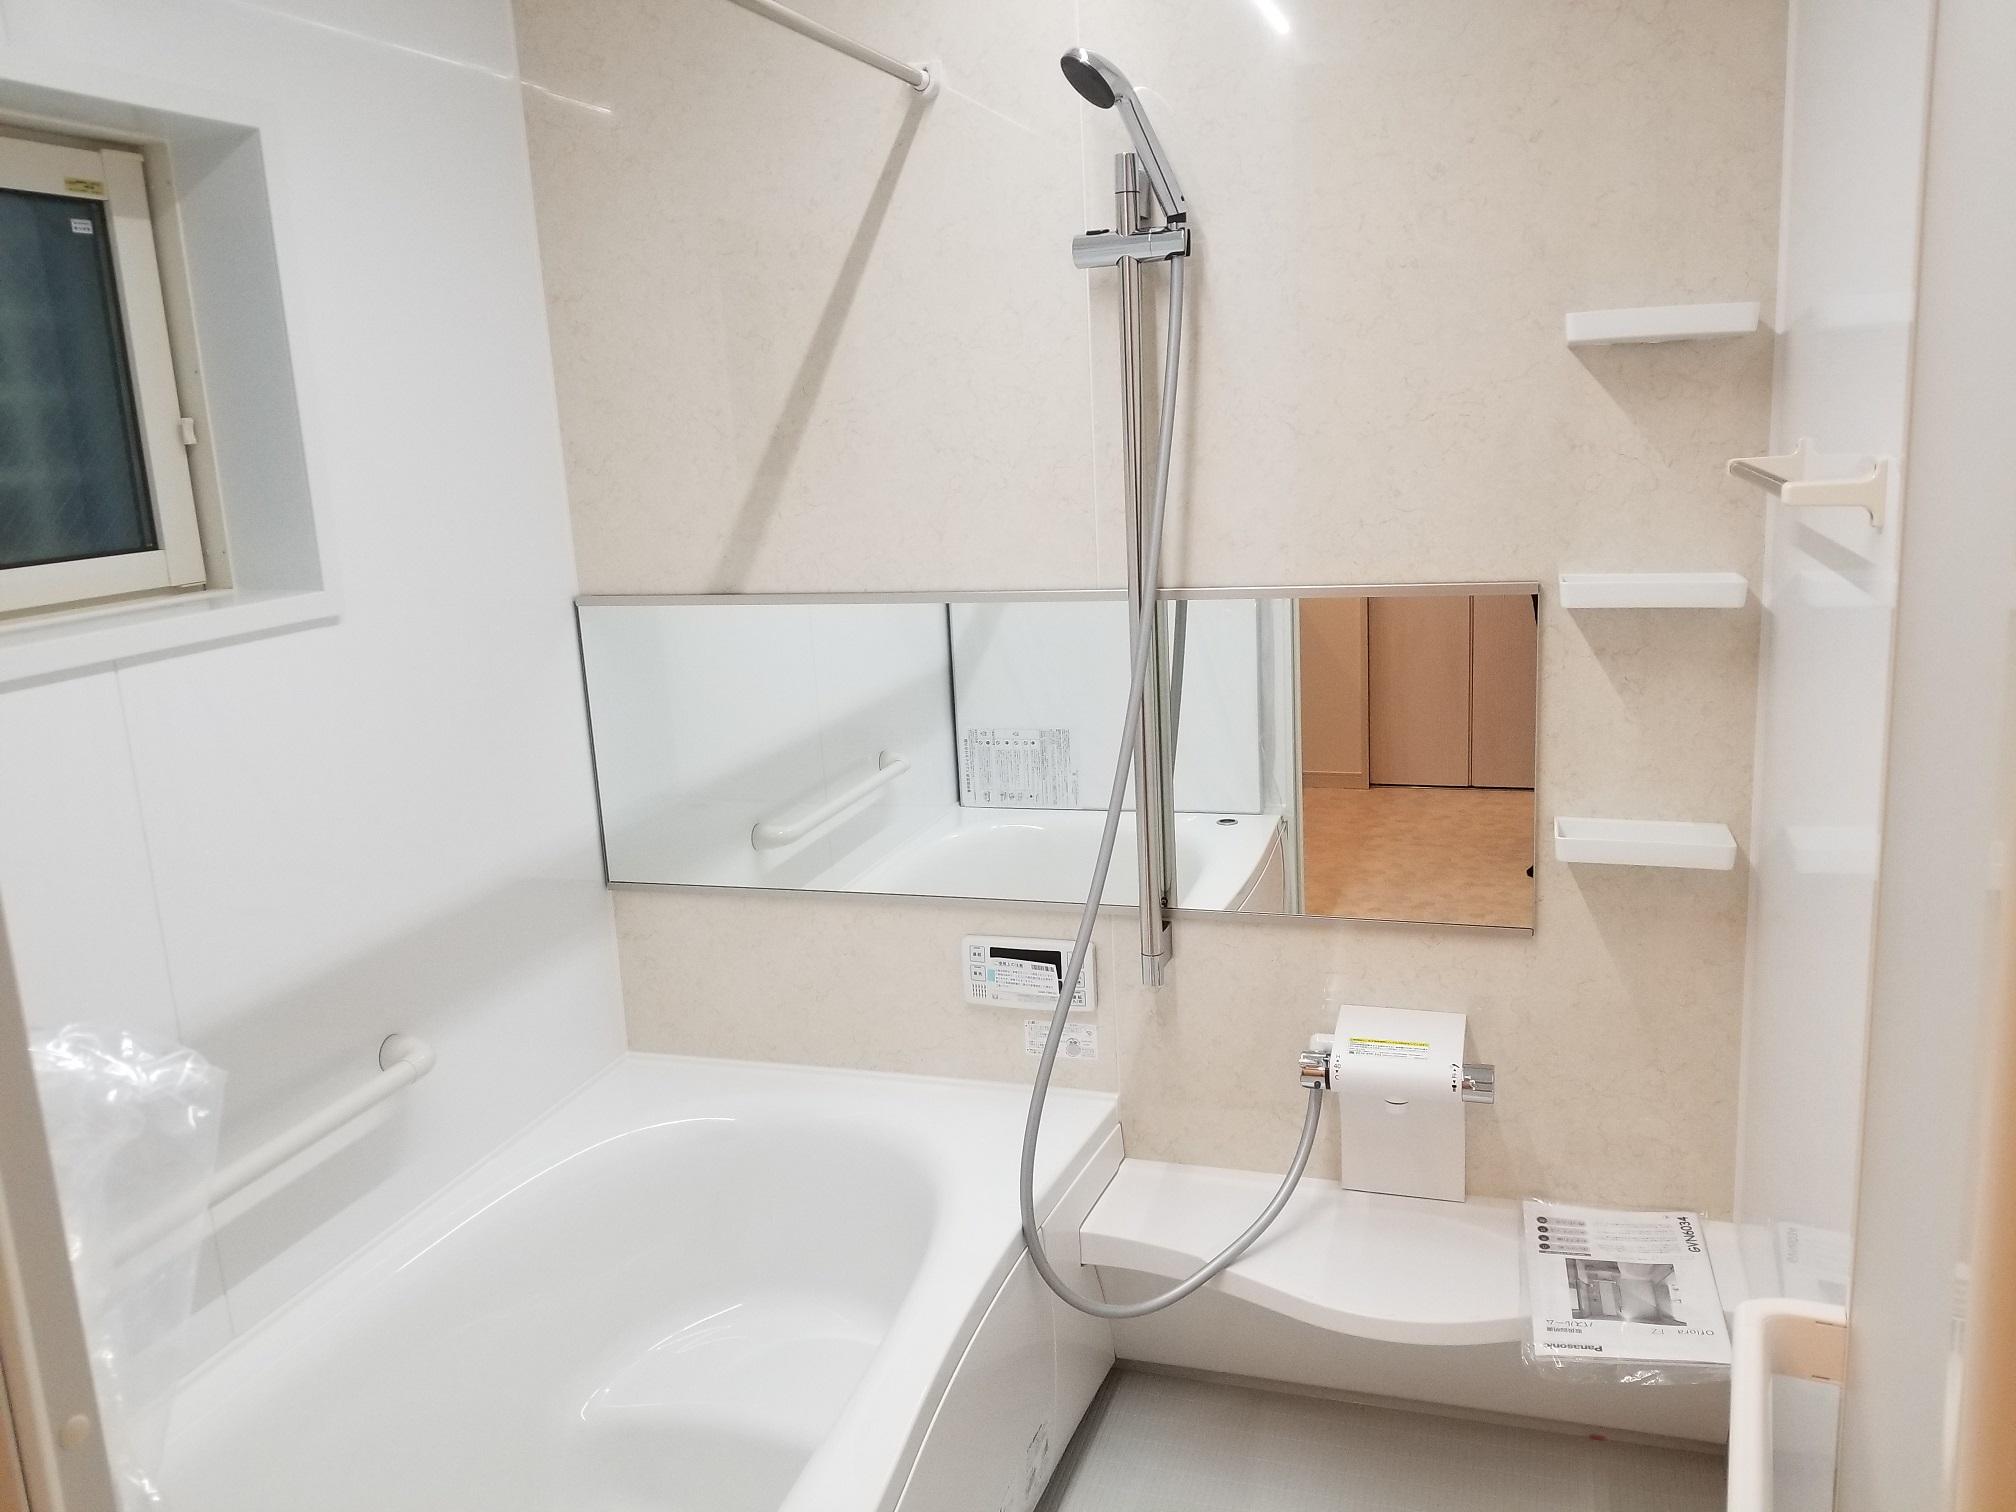 浴室乾燥・追い炊き機能付きバス。ゆったり足を伸ばしてリラックスタイムを満喫できますね。壁紙もお好みでお選びいただけます(ル・メイユール他物件施工例)